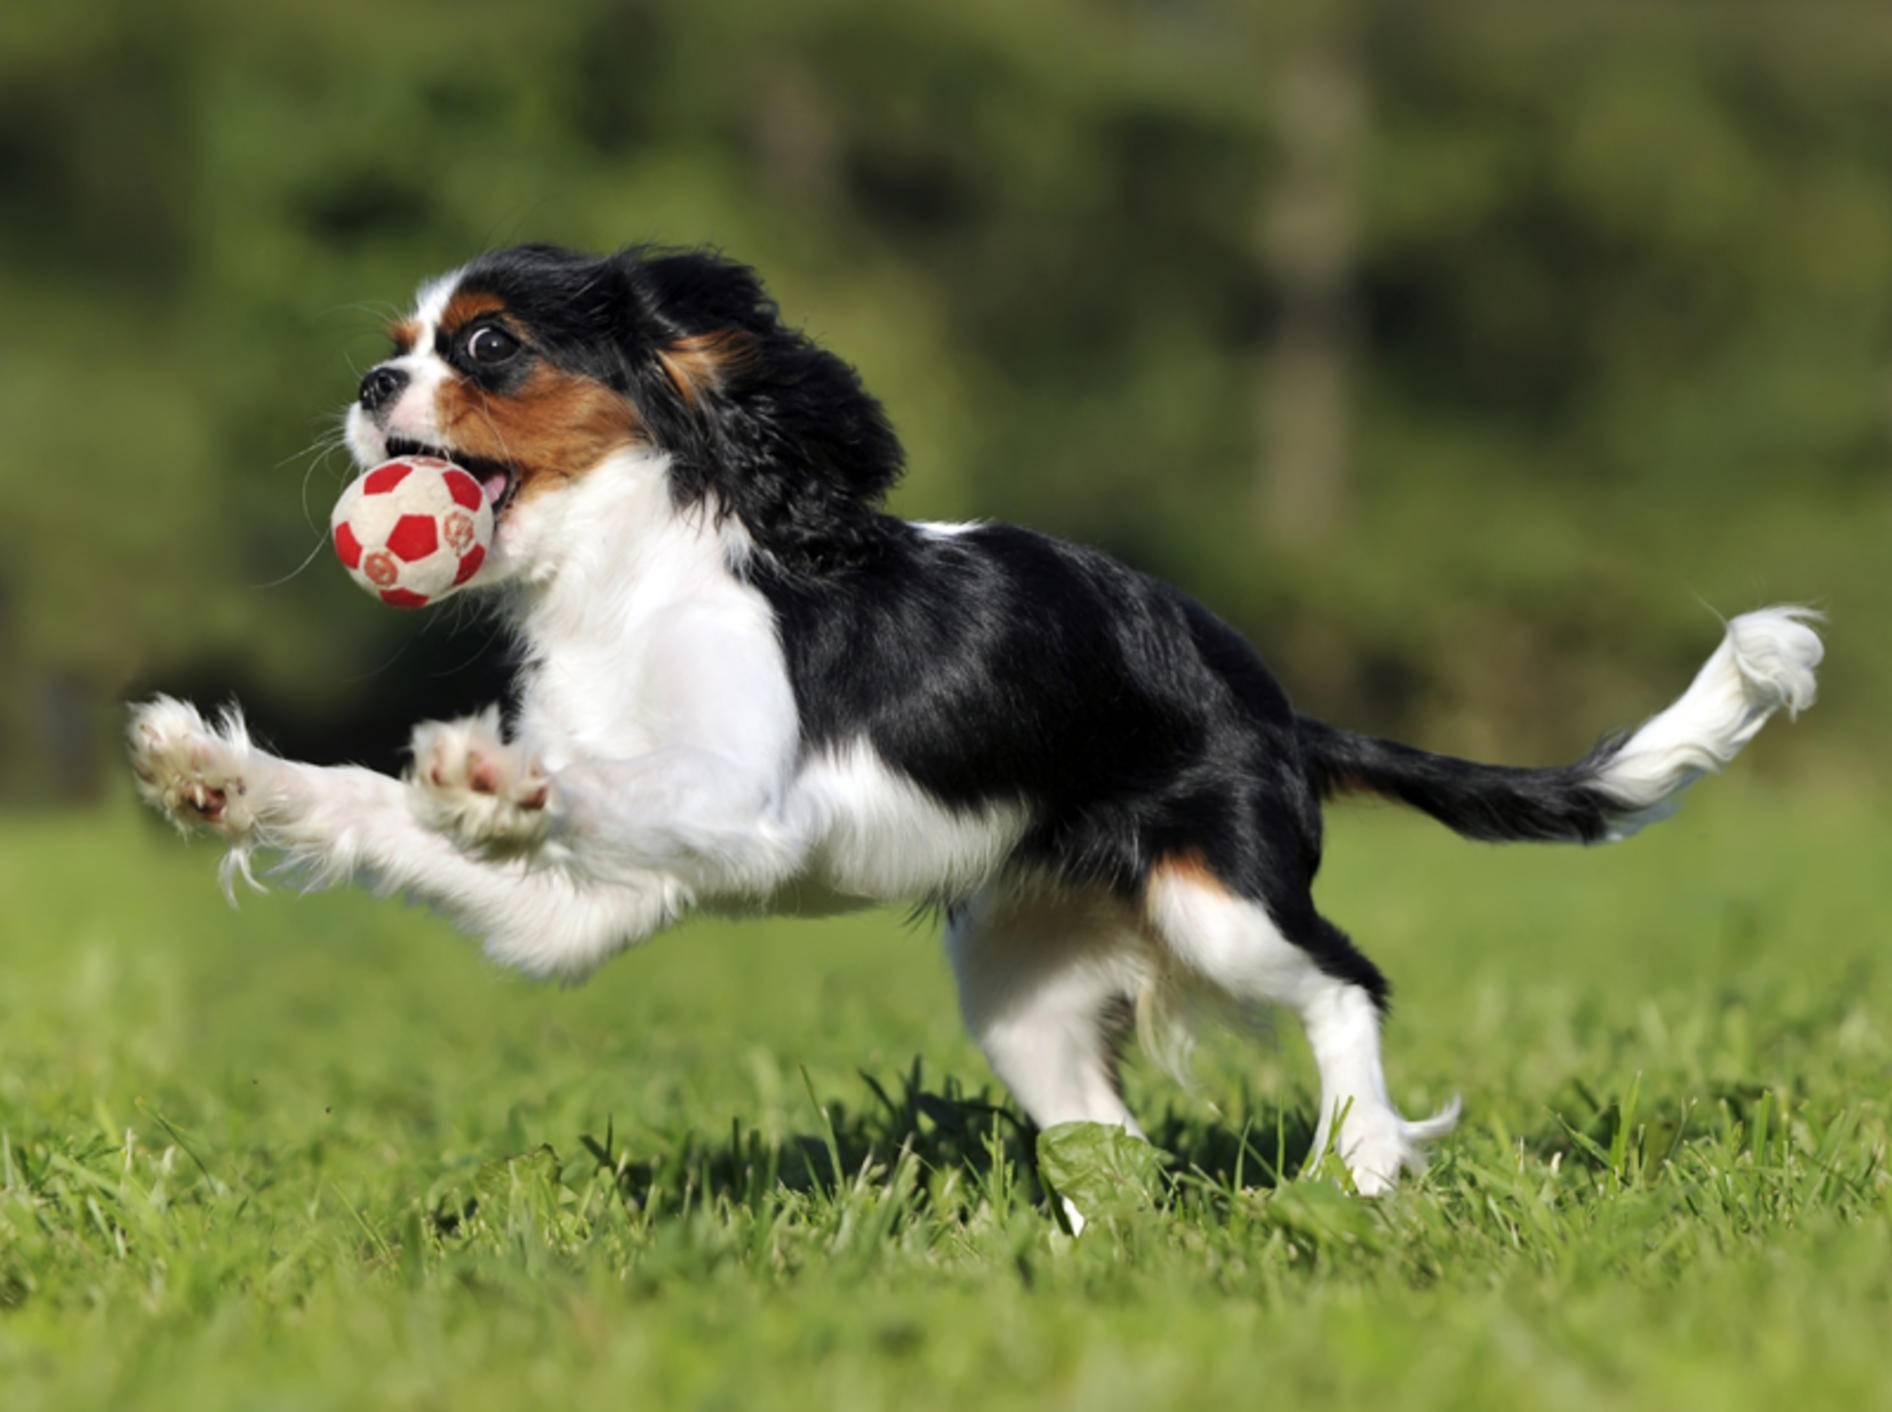 """""""Ich kann jederzeit aufhören, wenn ich will!"""", scheint dieser Balljunkie-Hund zu denken – Shutterstock / dogist"""